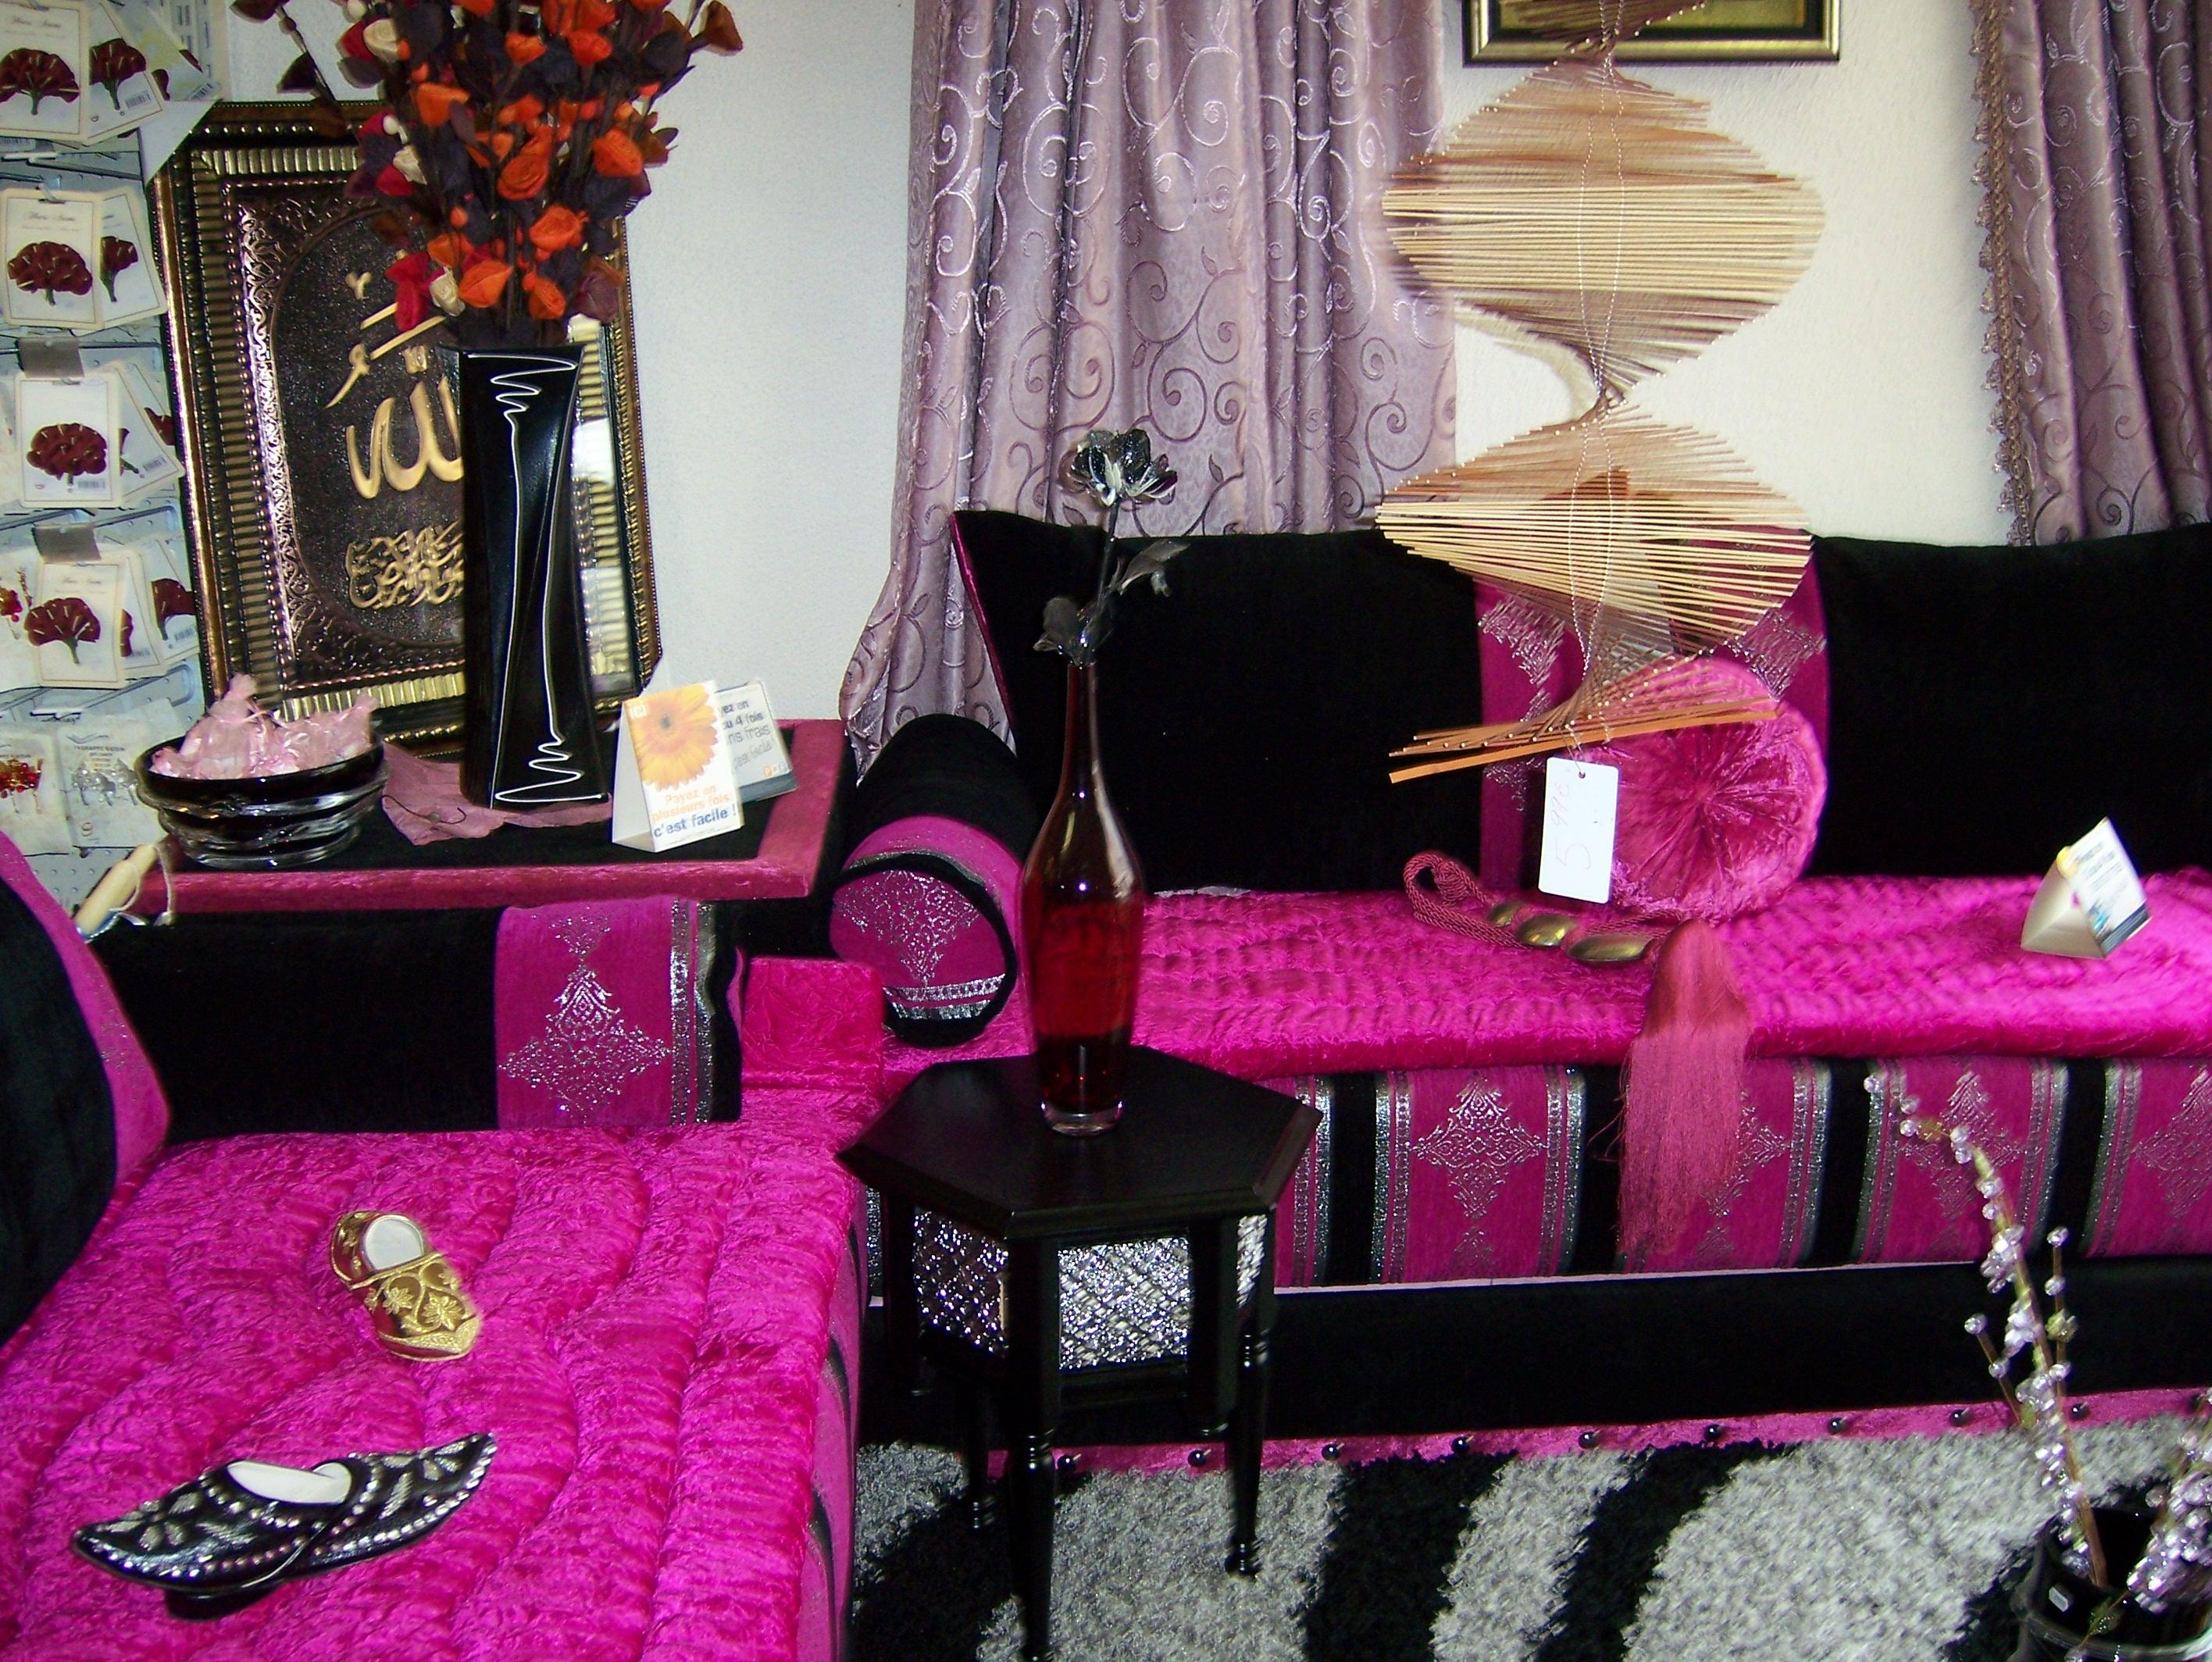 salon marocain lille france. Black Bedroom Furniture Sets. Home Design Ideas